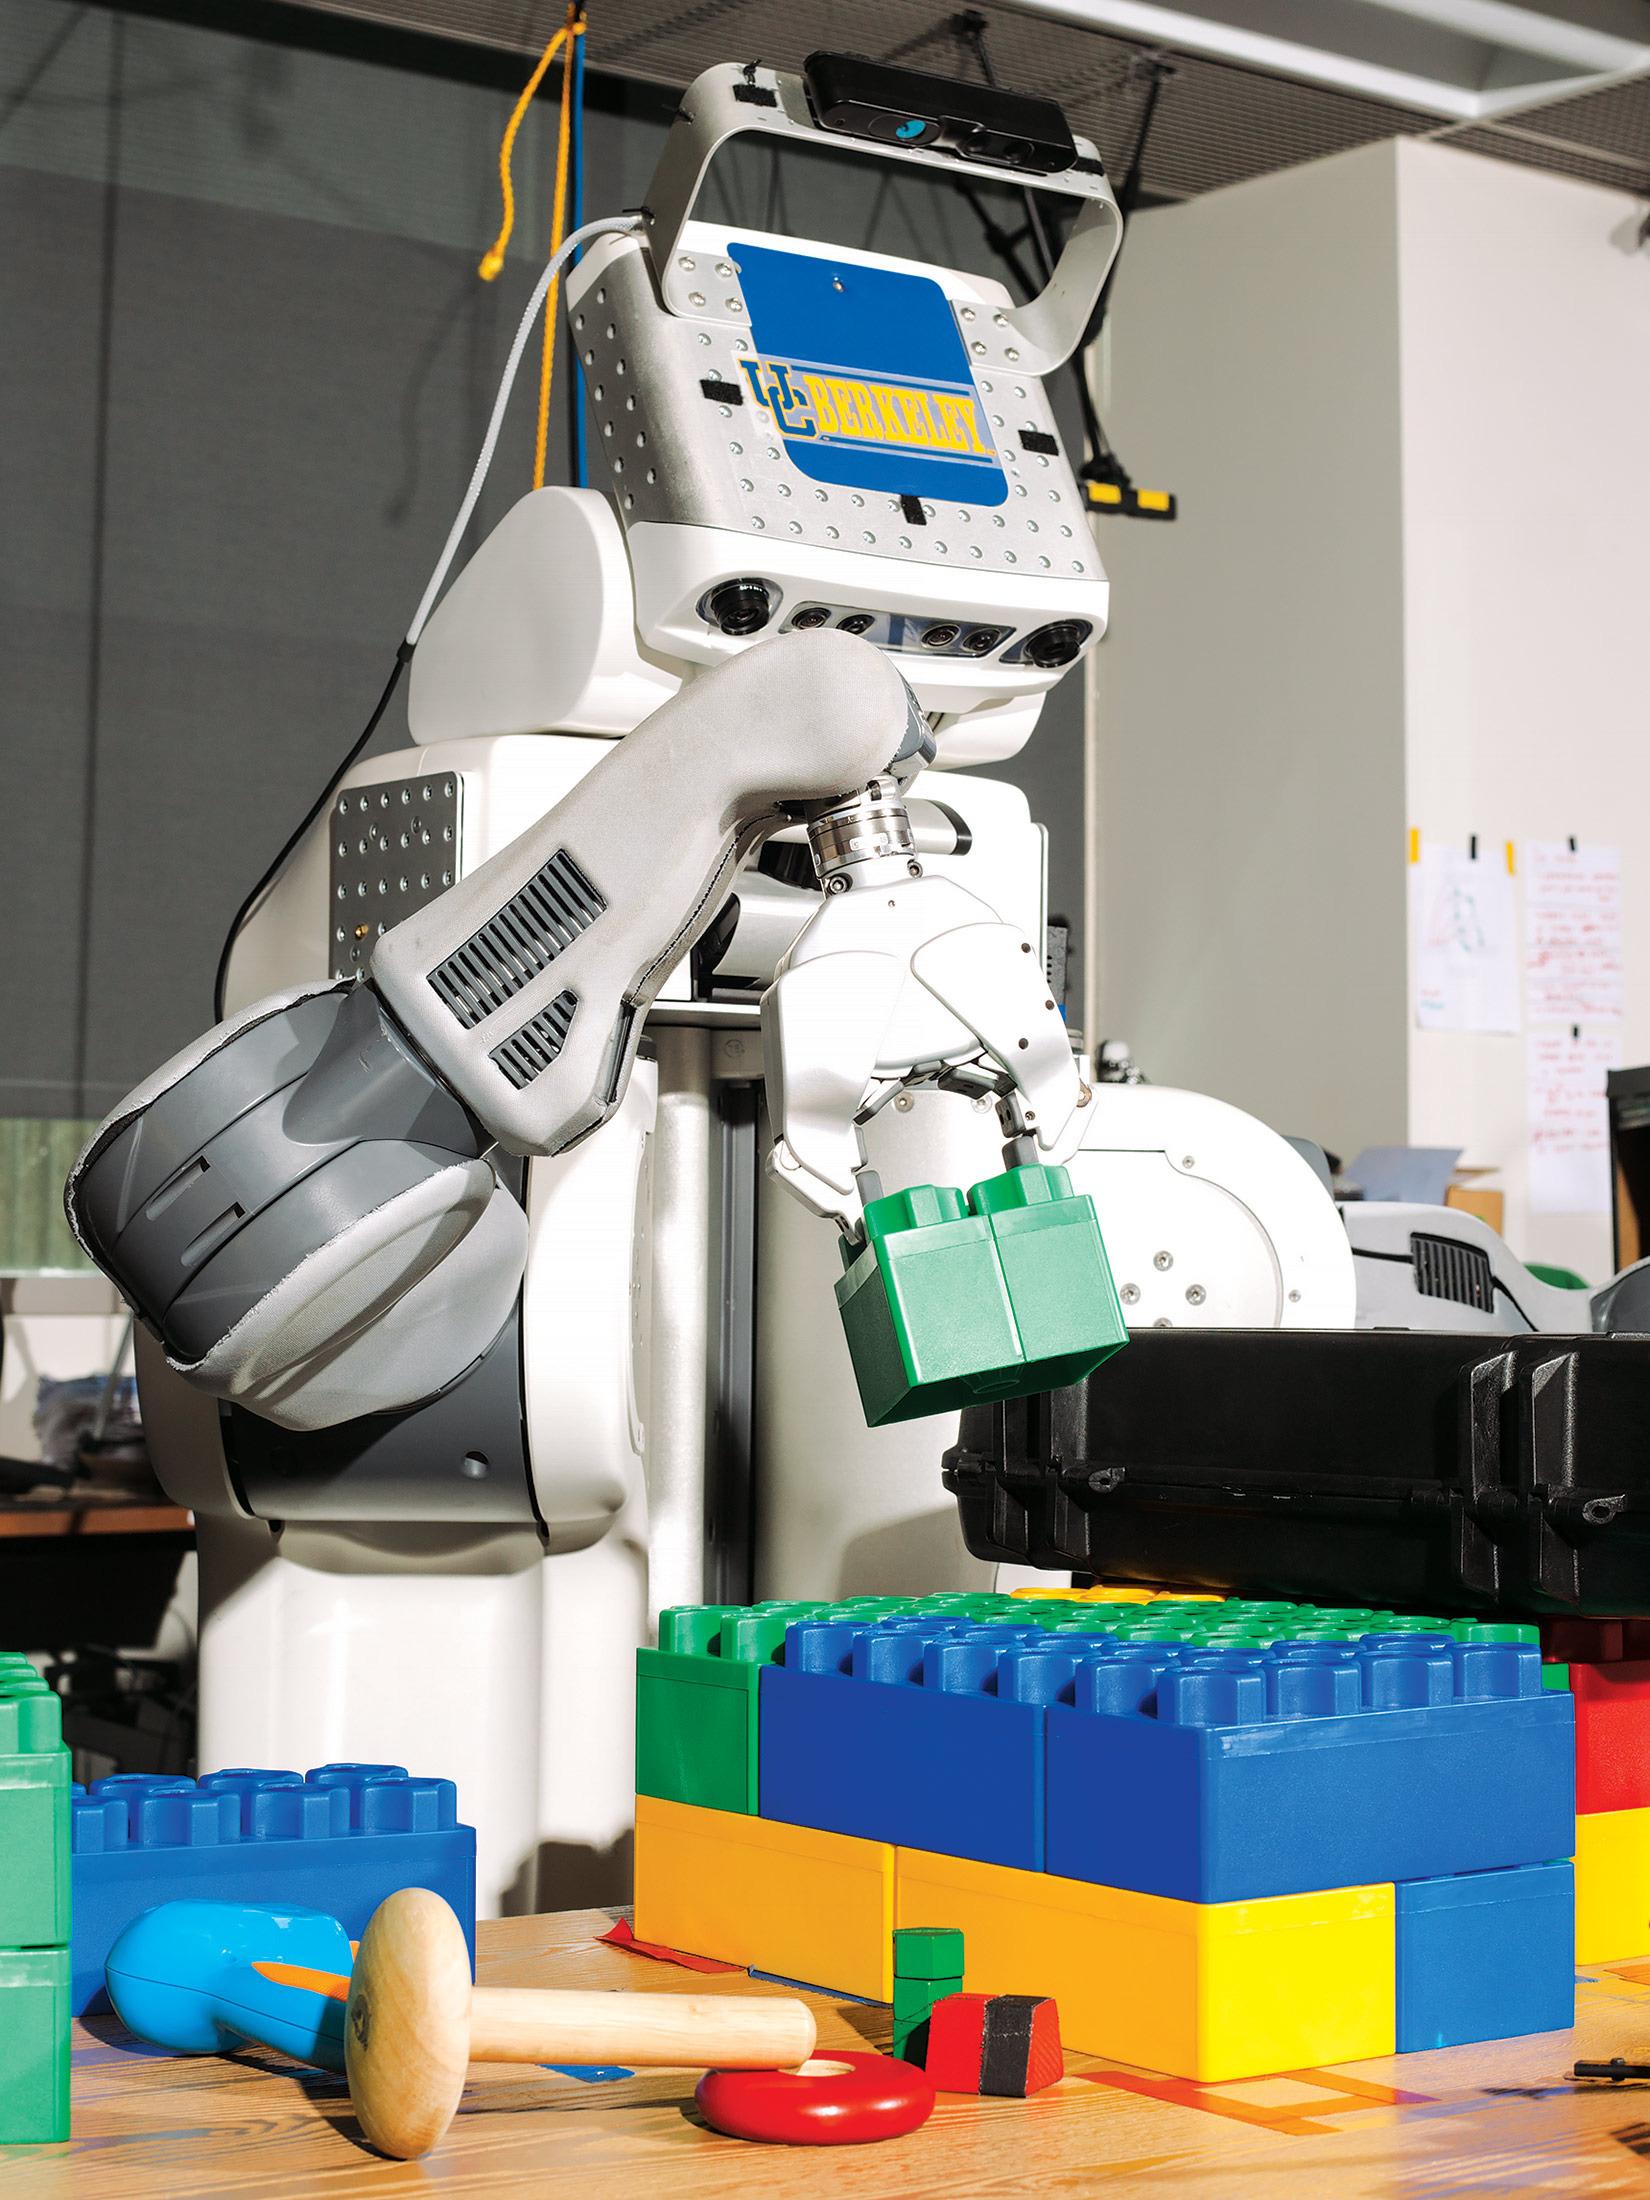 Berkeley's Preschool for Robots